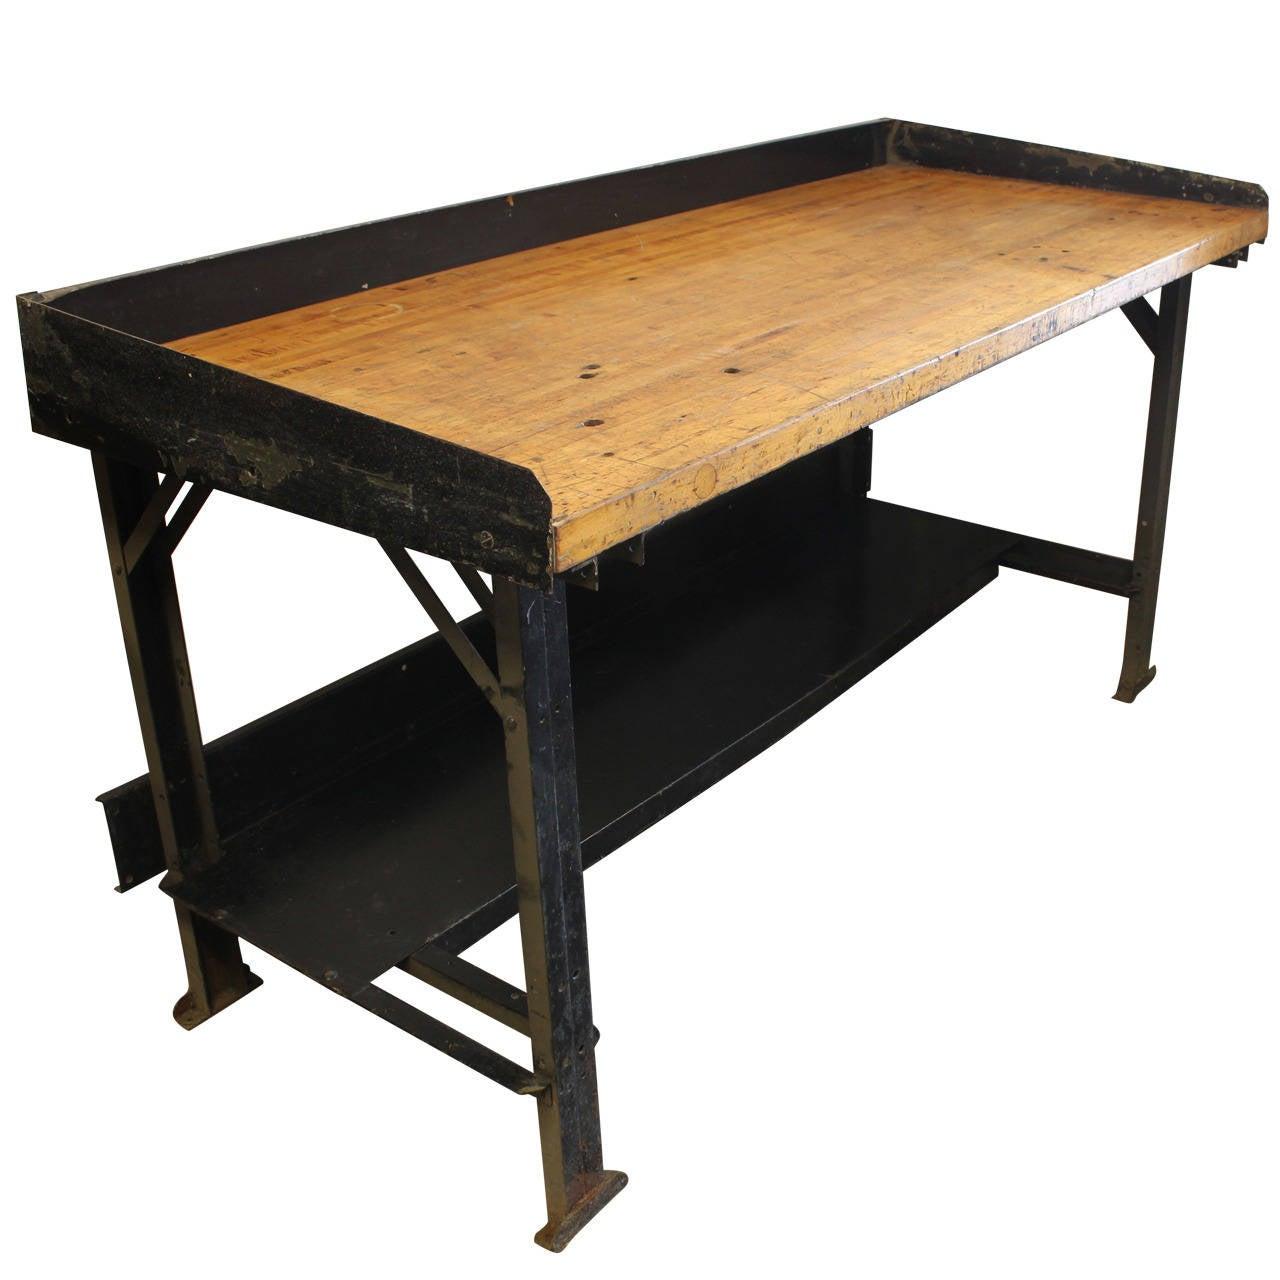 Vintage Industrial Work Table At 1stdibs